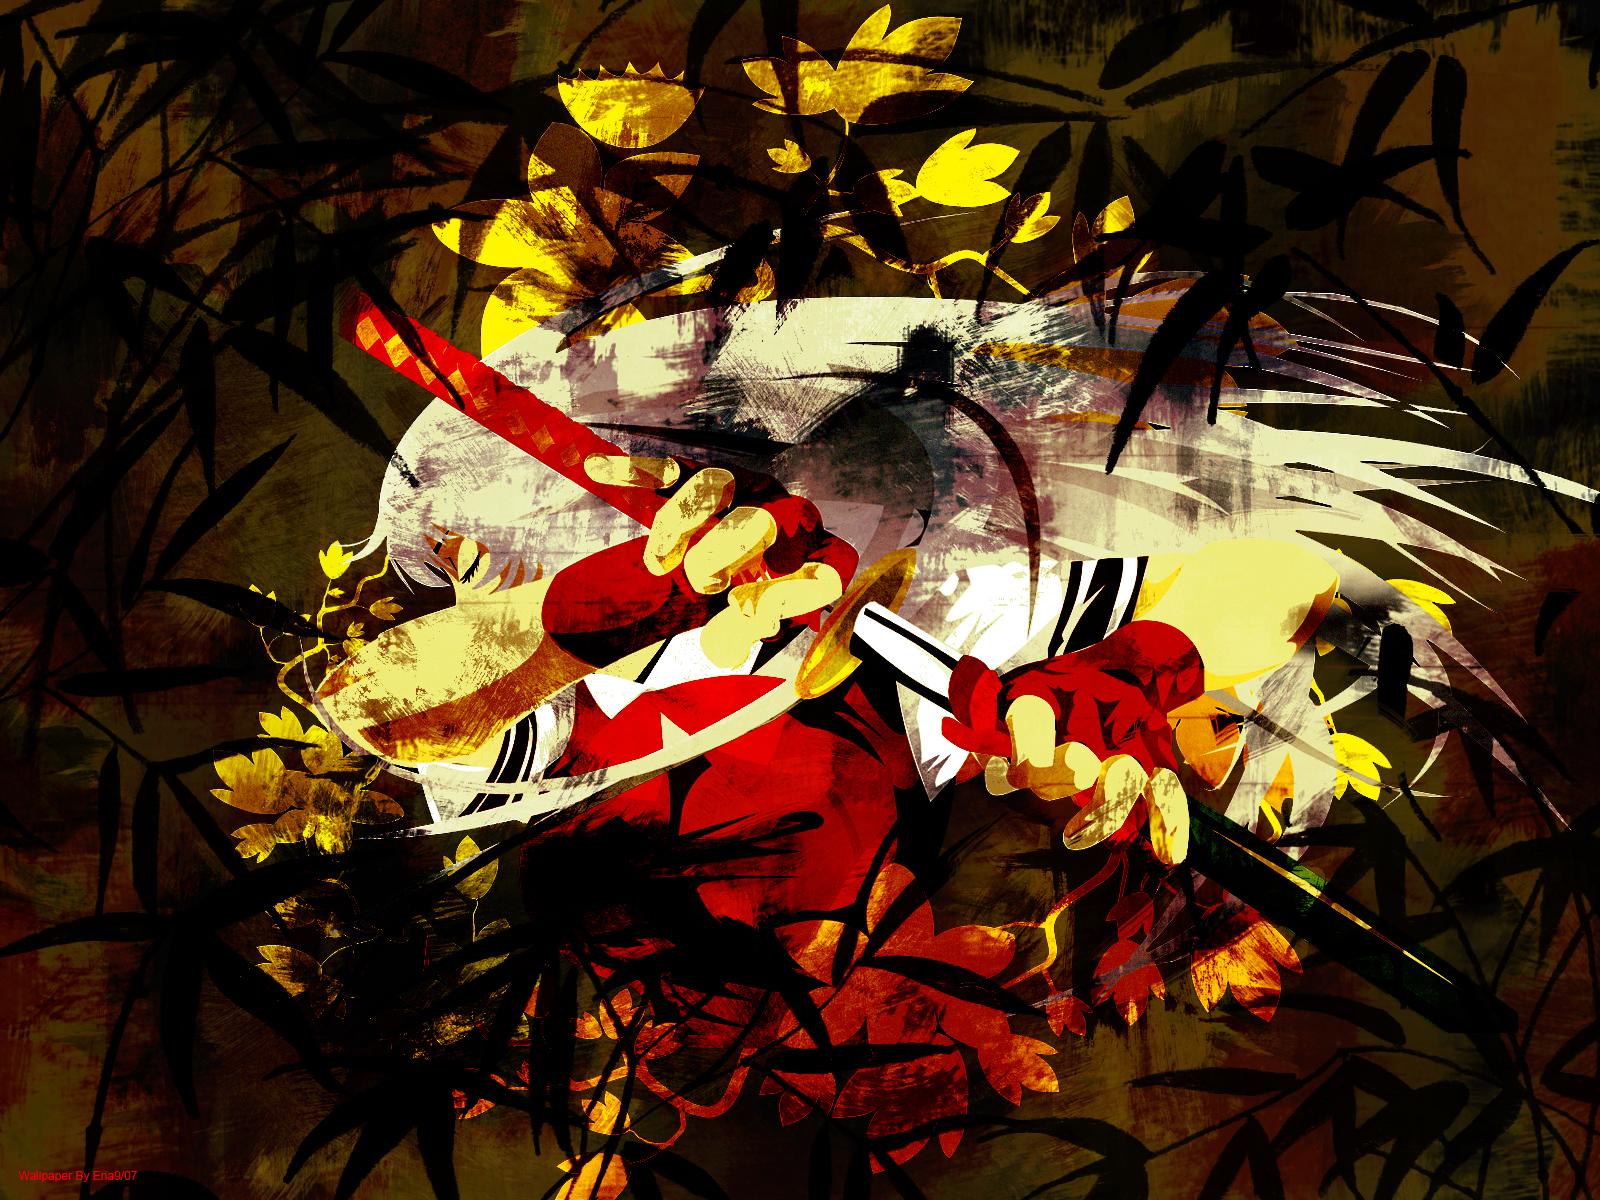 Chou Un Shiryuu Ikkitousen Wallpaper 1039904 Zerochan Anime Image Board